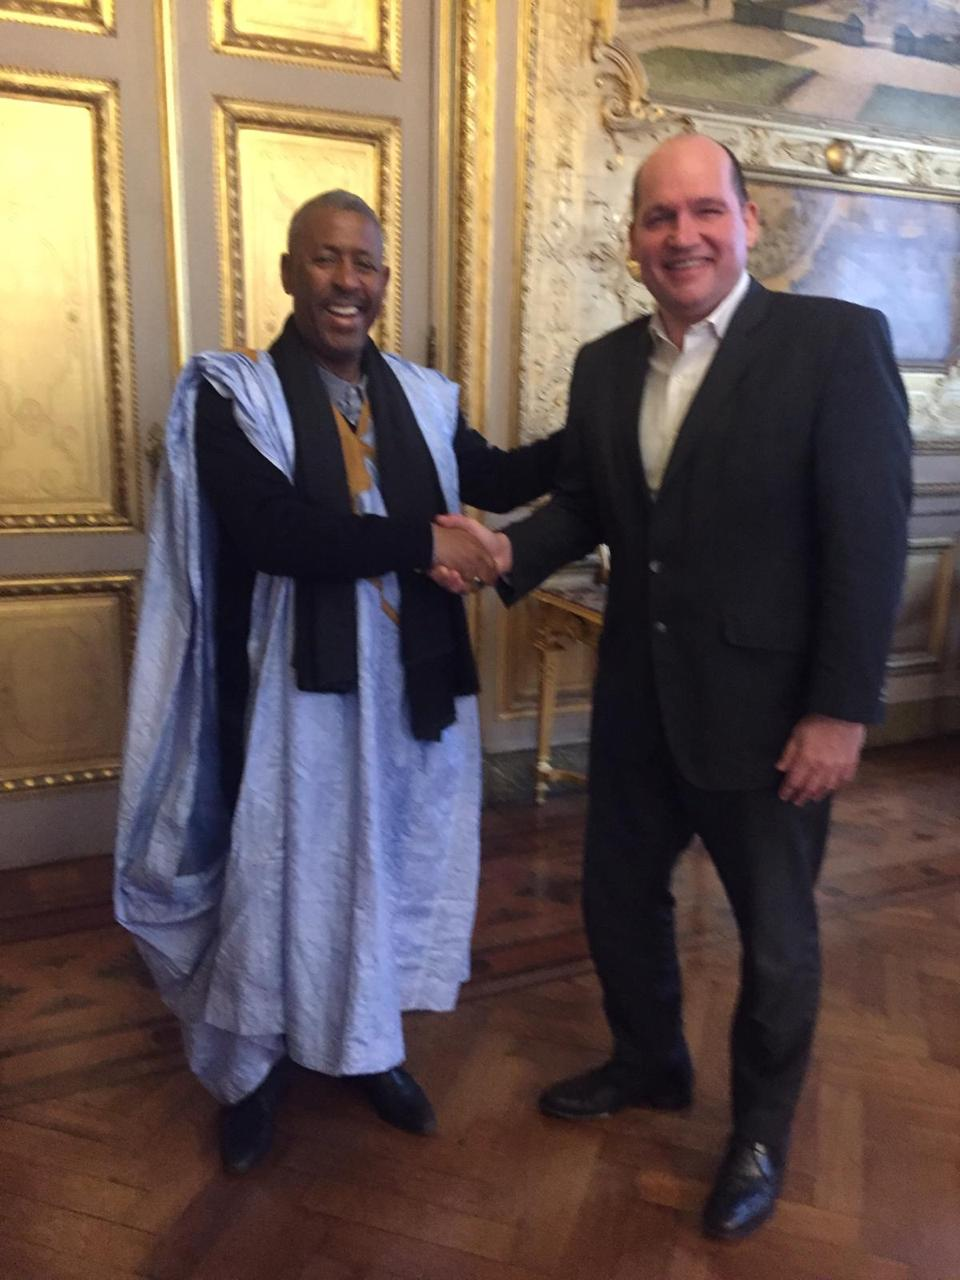 رئيس المؤسستين لجمع شمل الصحراويين المغاربة في العالم يتباحث مع حاكم بروكسيل حول ملف القضية الوطنية